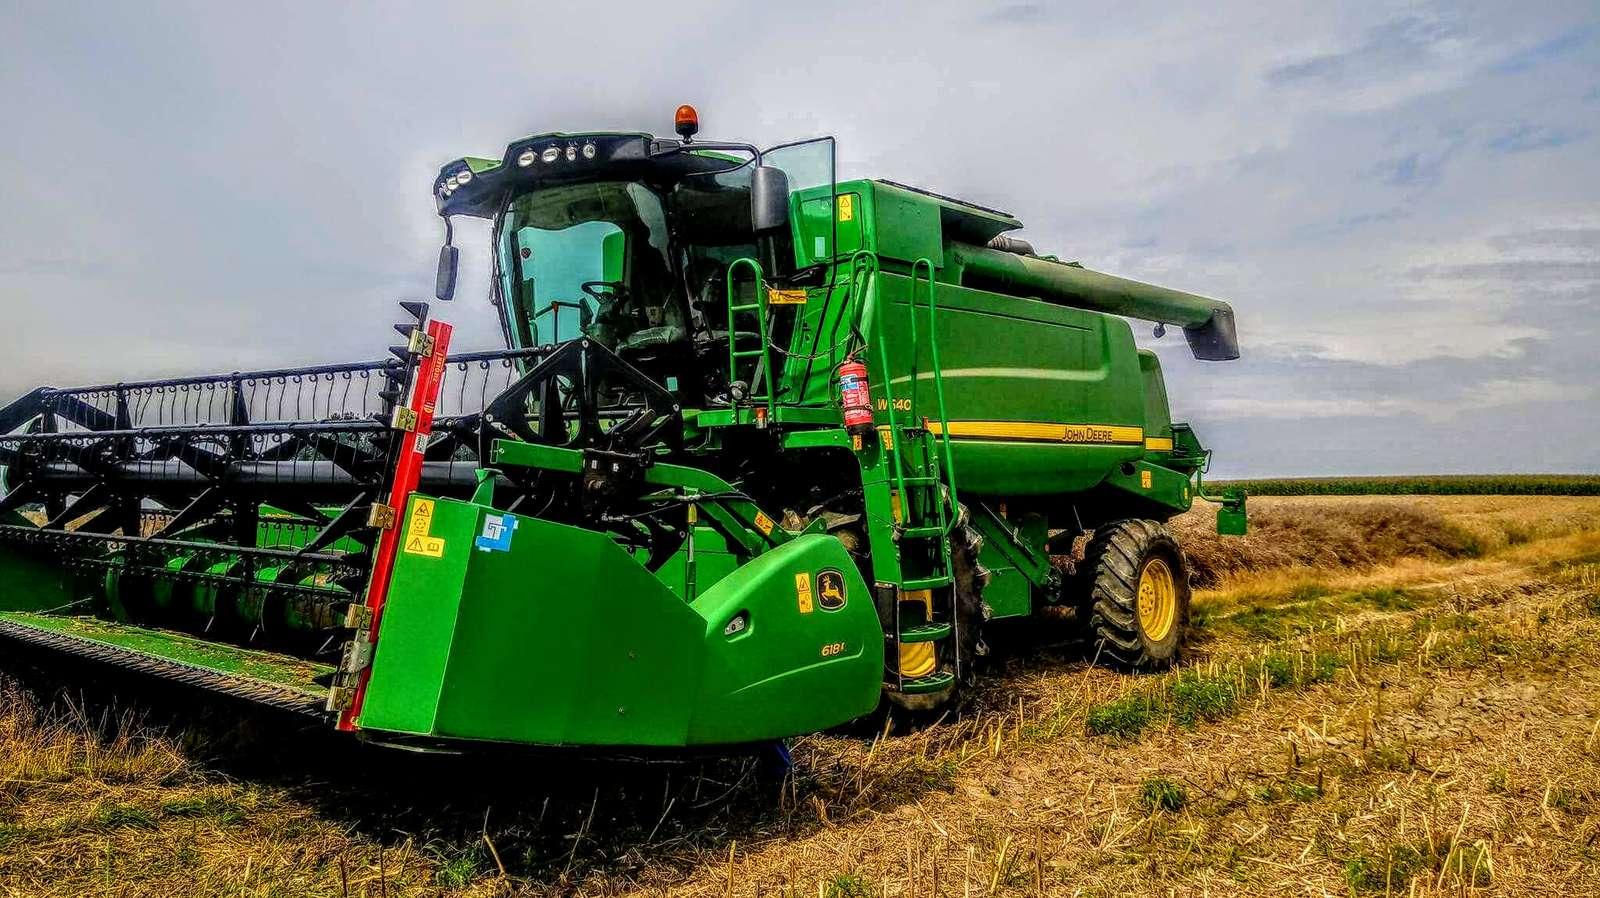 John cerb - Iată un tractor John Deere (8×10)